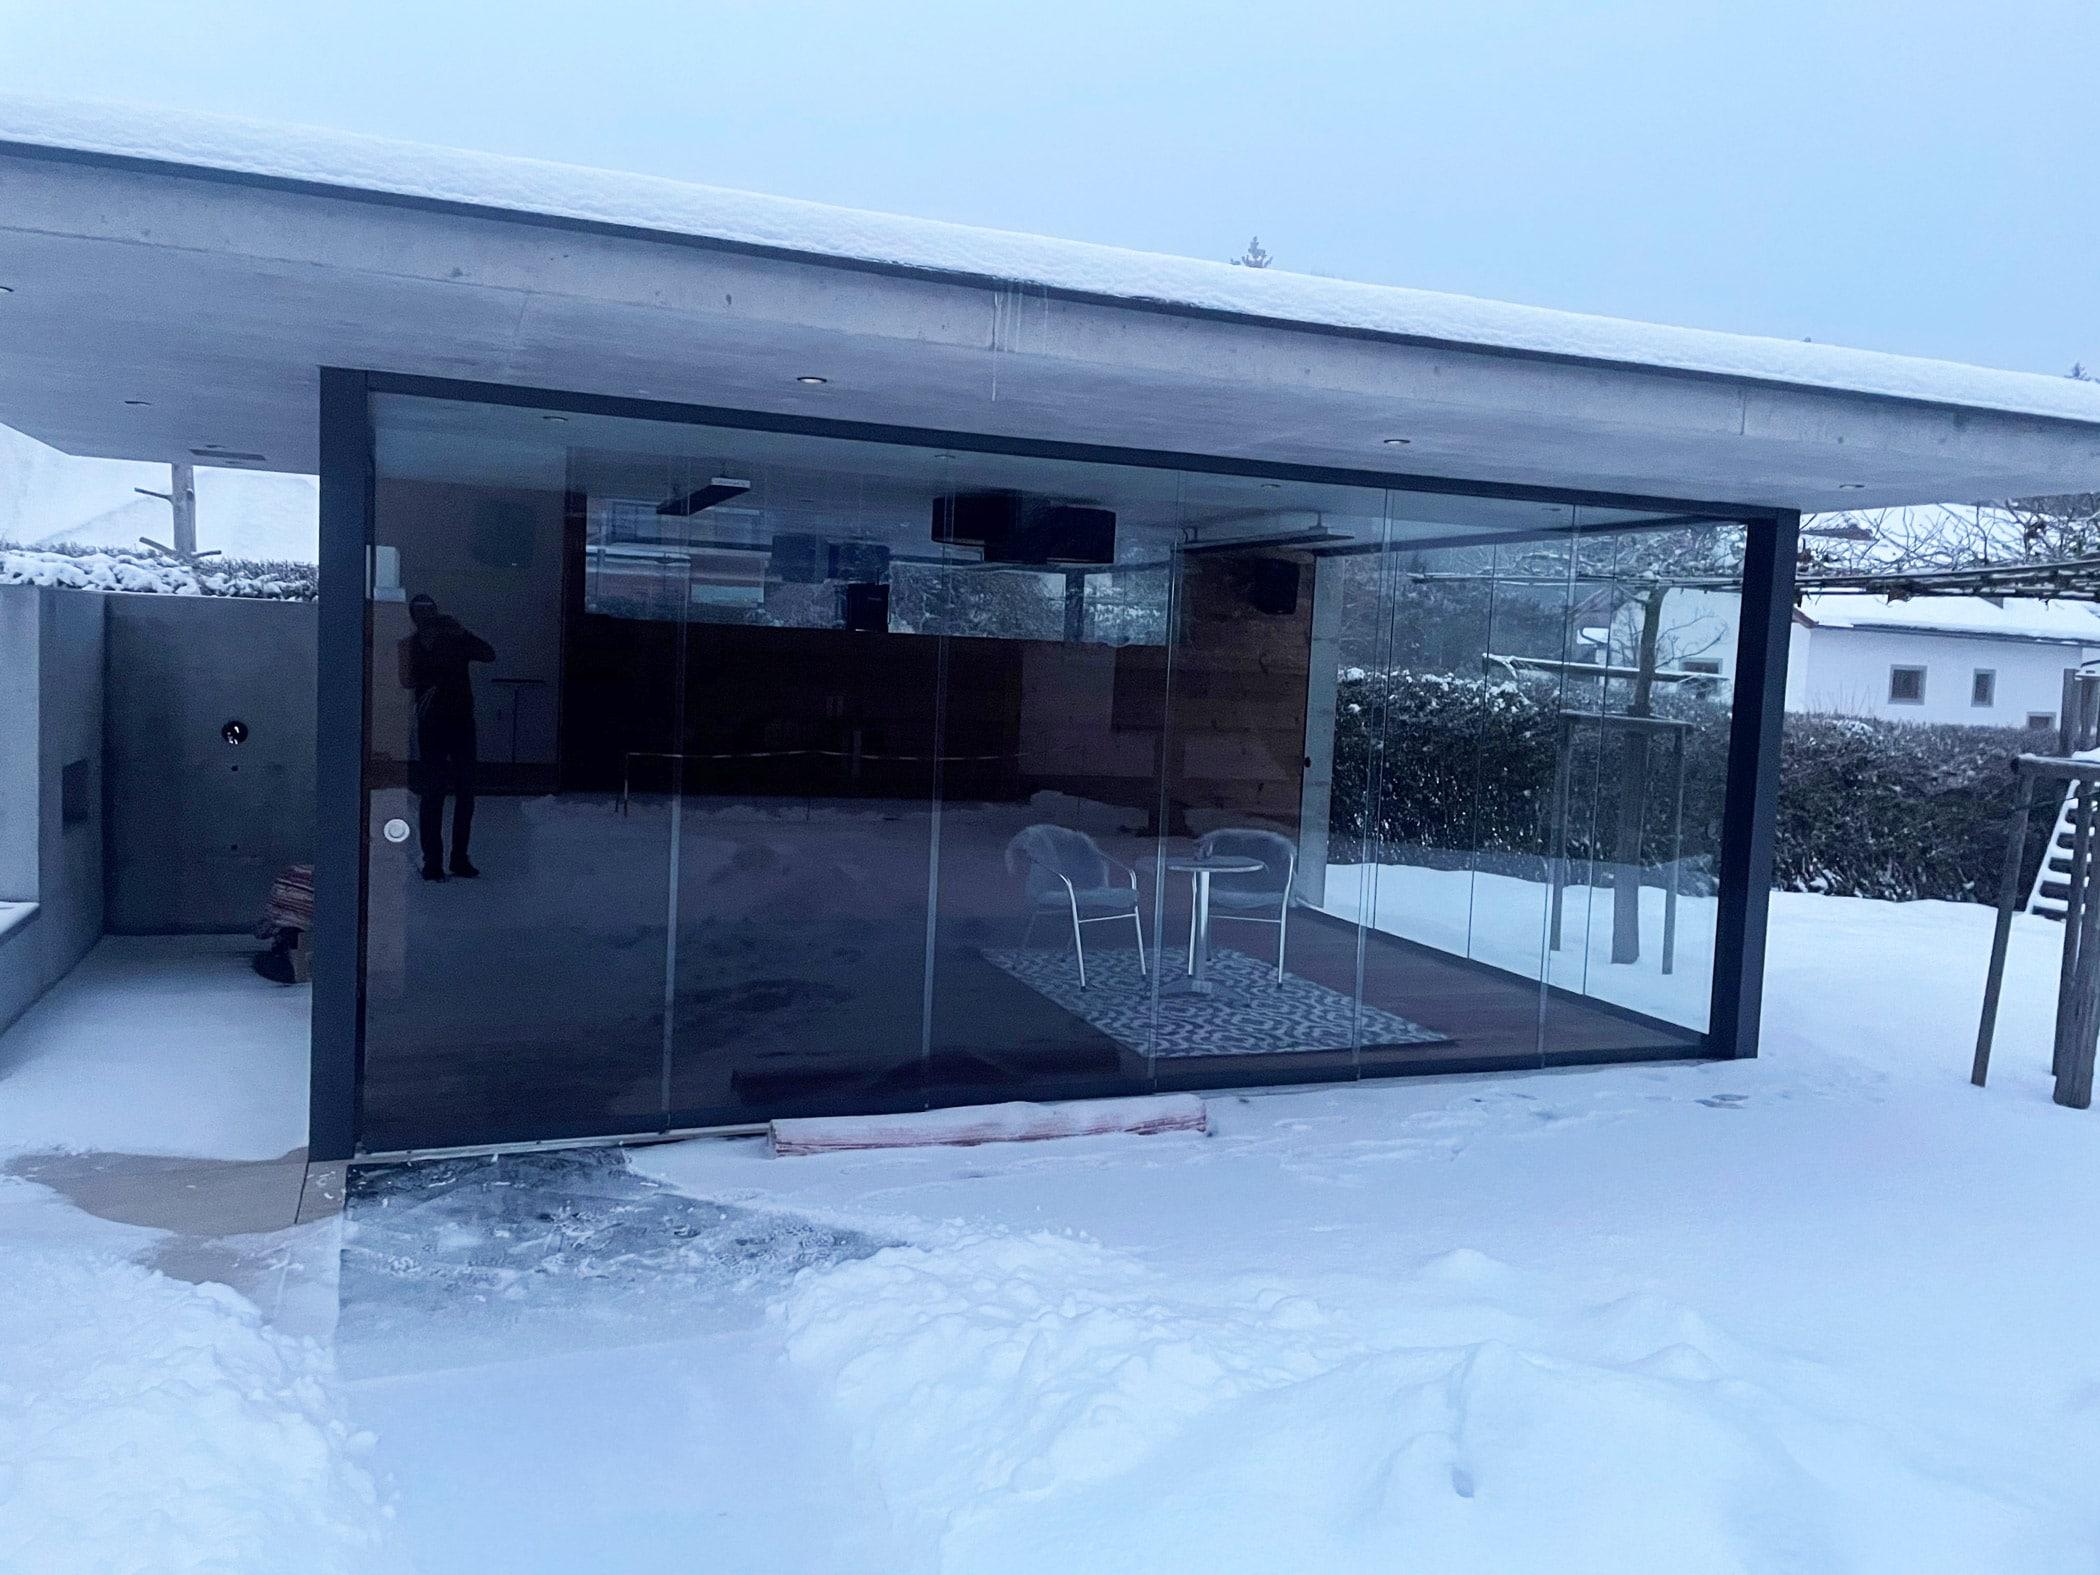 Modernes Pool- und Gartenhaus mit 3-seitigen Glasschiebetüren